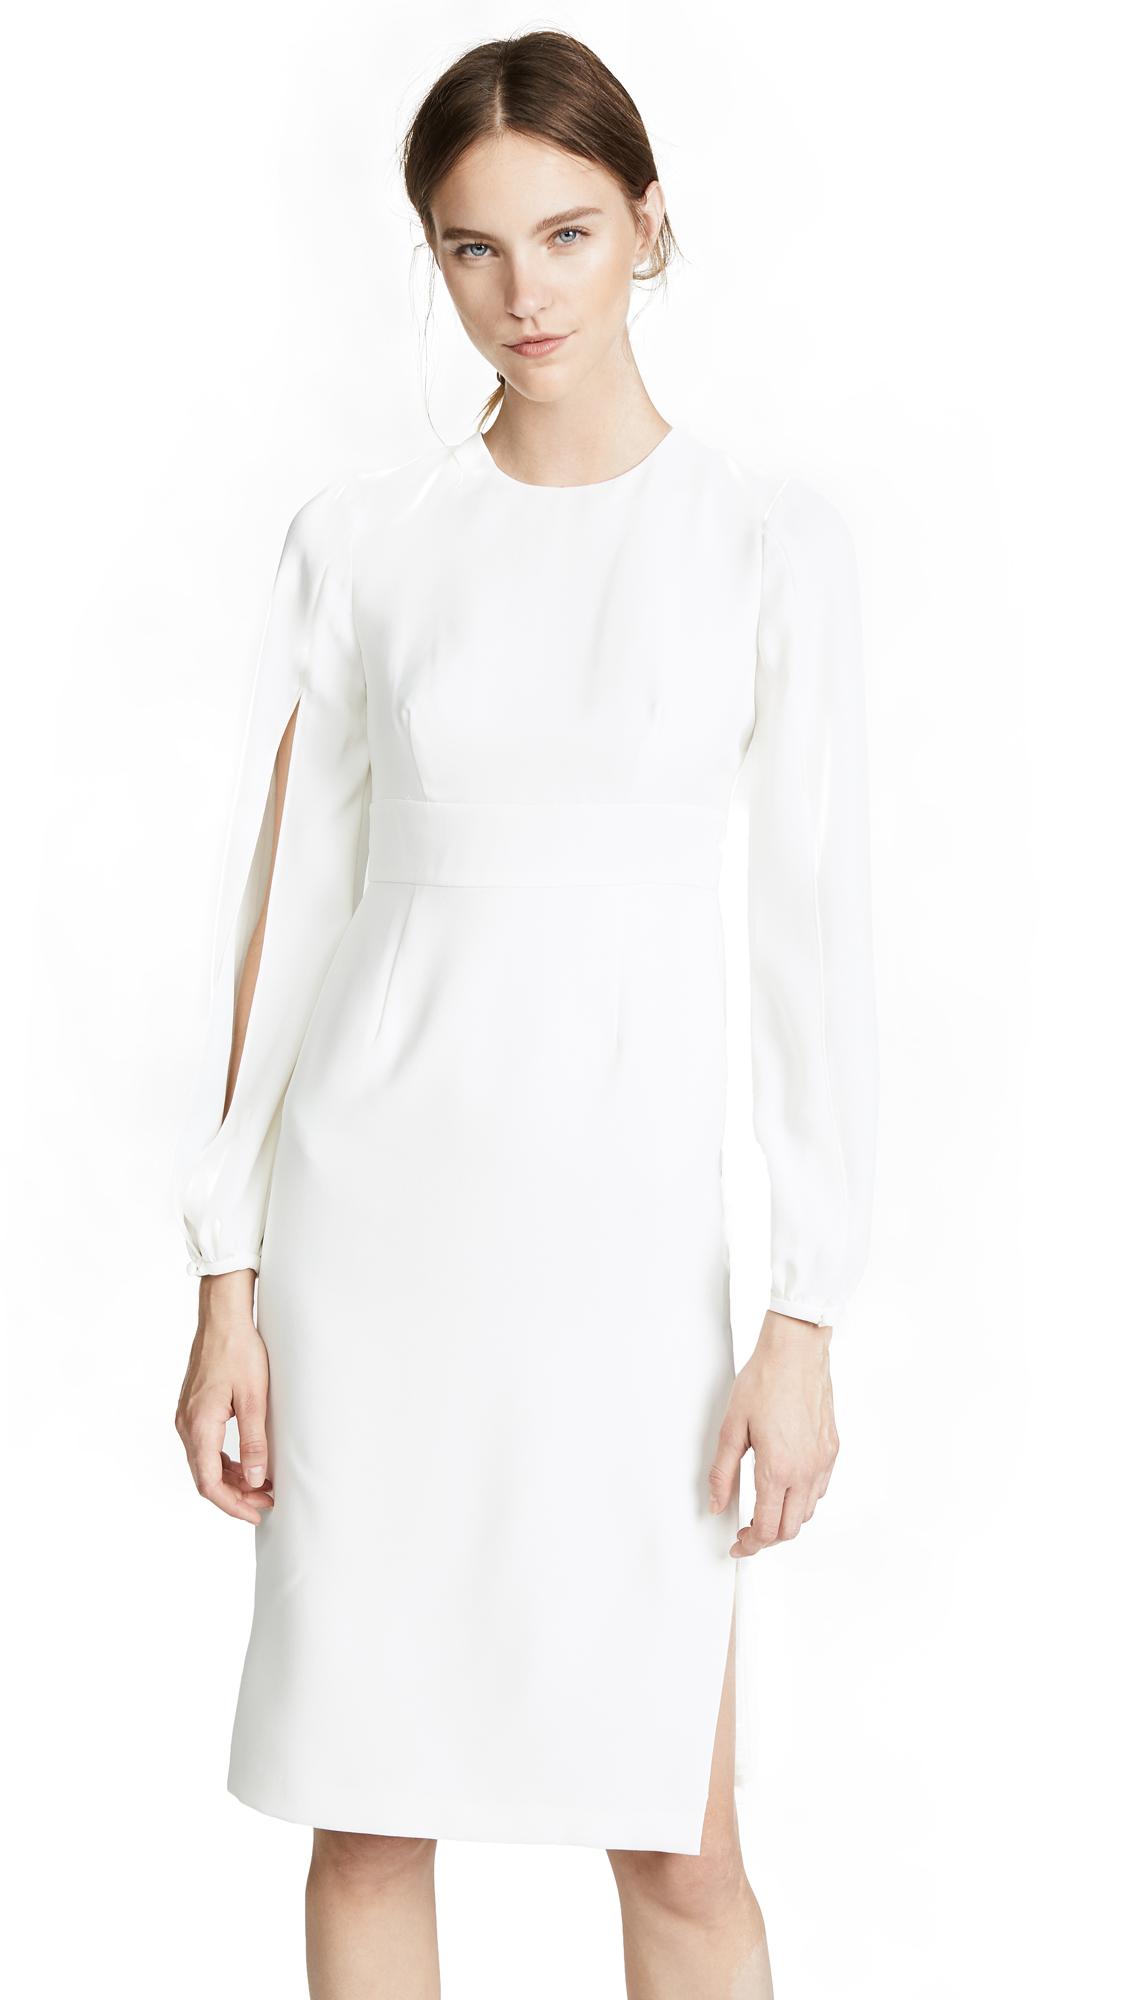 Jill Jill Stuart Crew Neck Dress